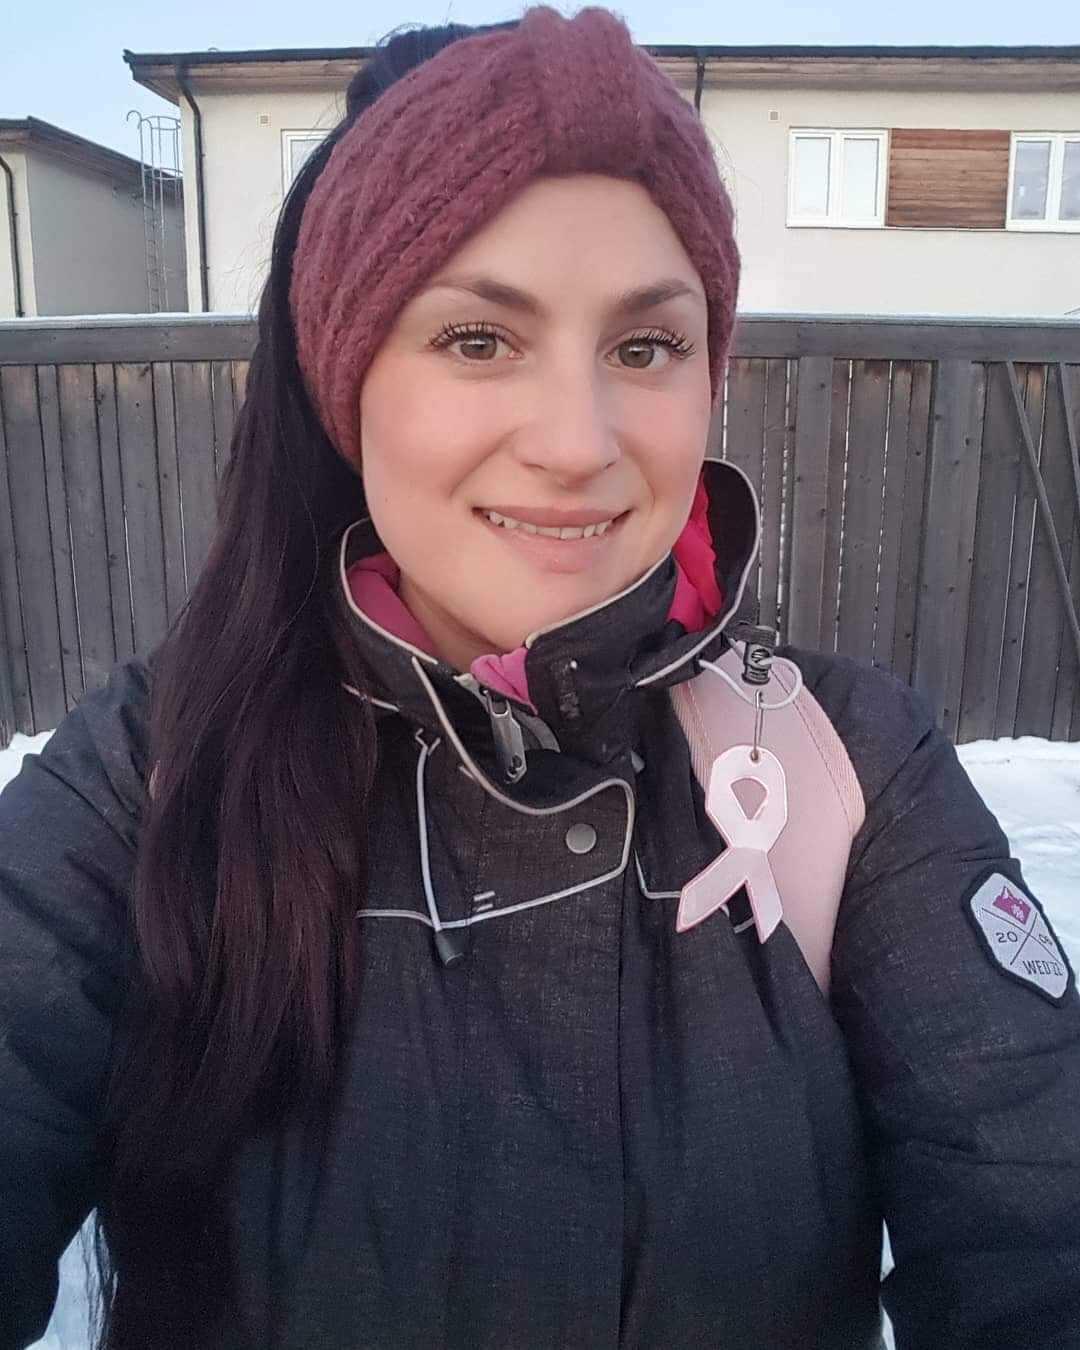 Natalie Snell Redon är vice ordförande i Team Sweden volunteers.